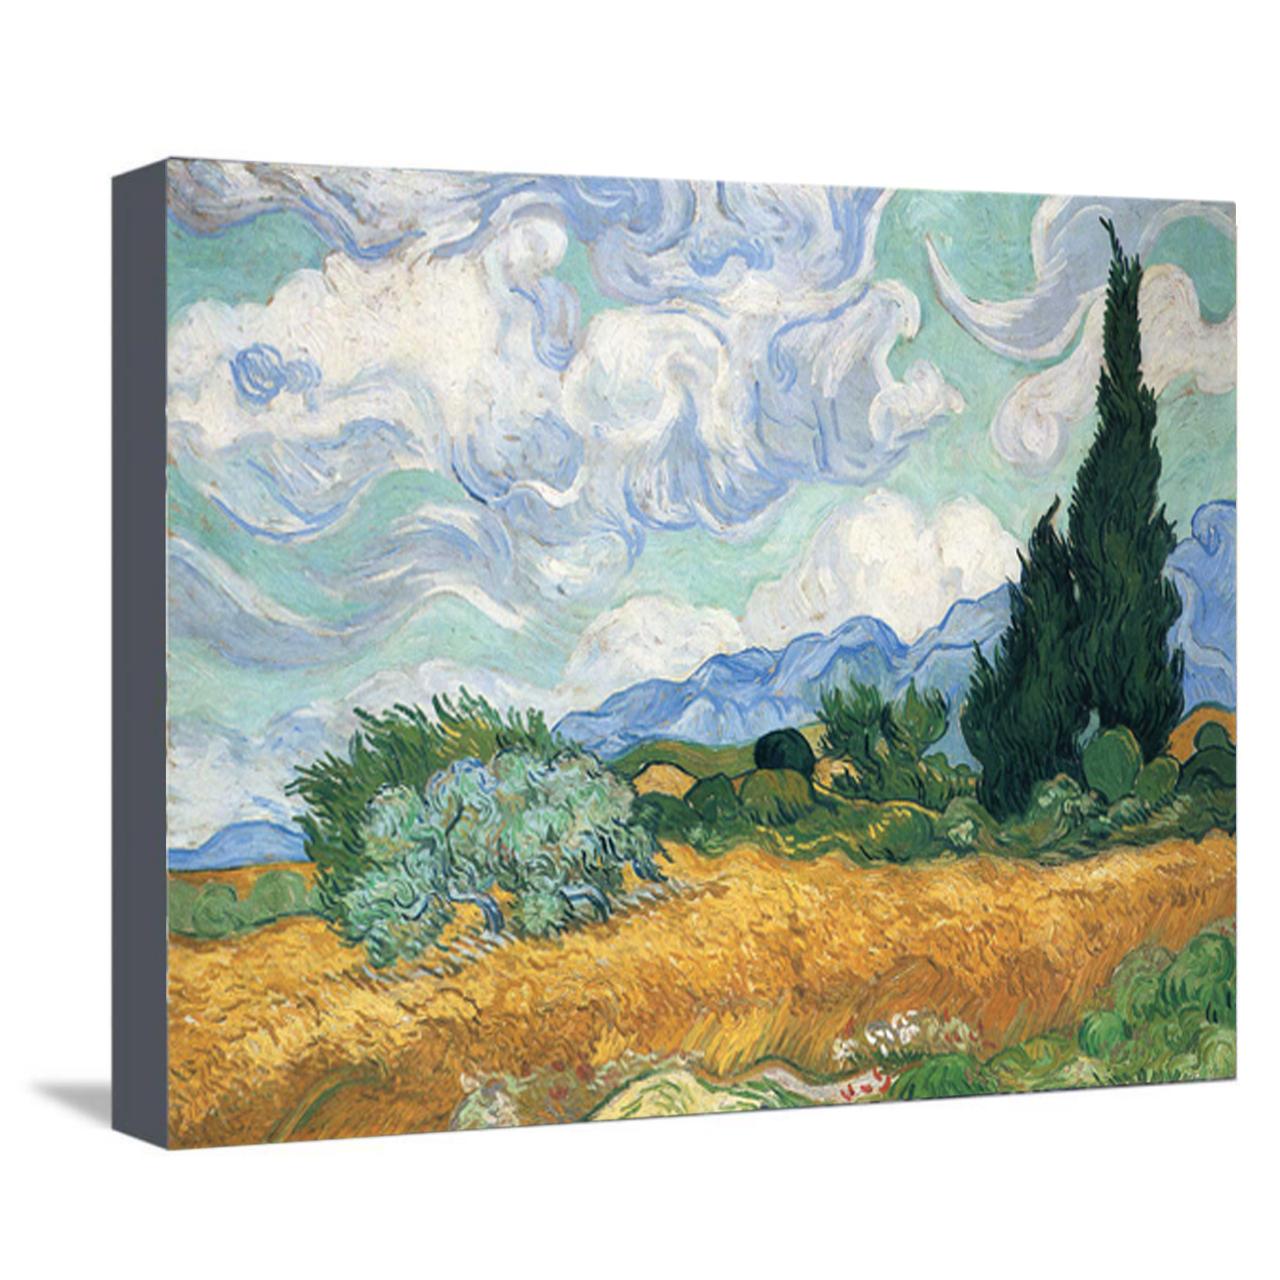 خرید                      تابلو نقاشی طرح گندمزار با درخت سرو ونگوگ کد 1019